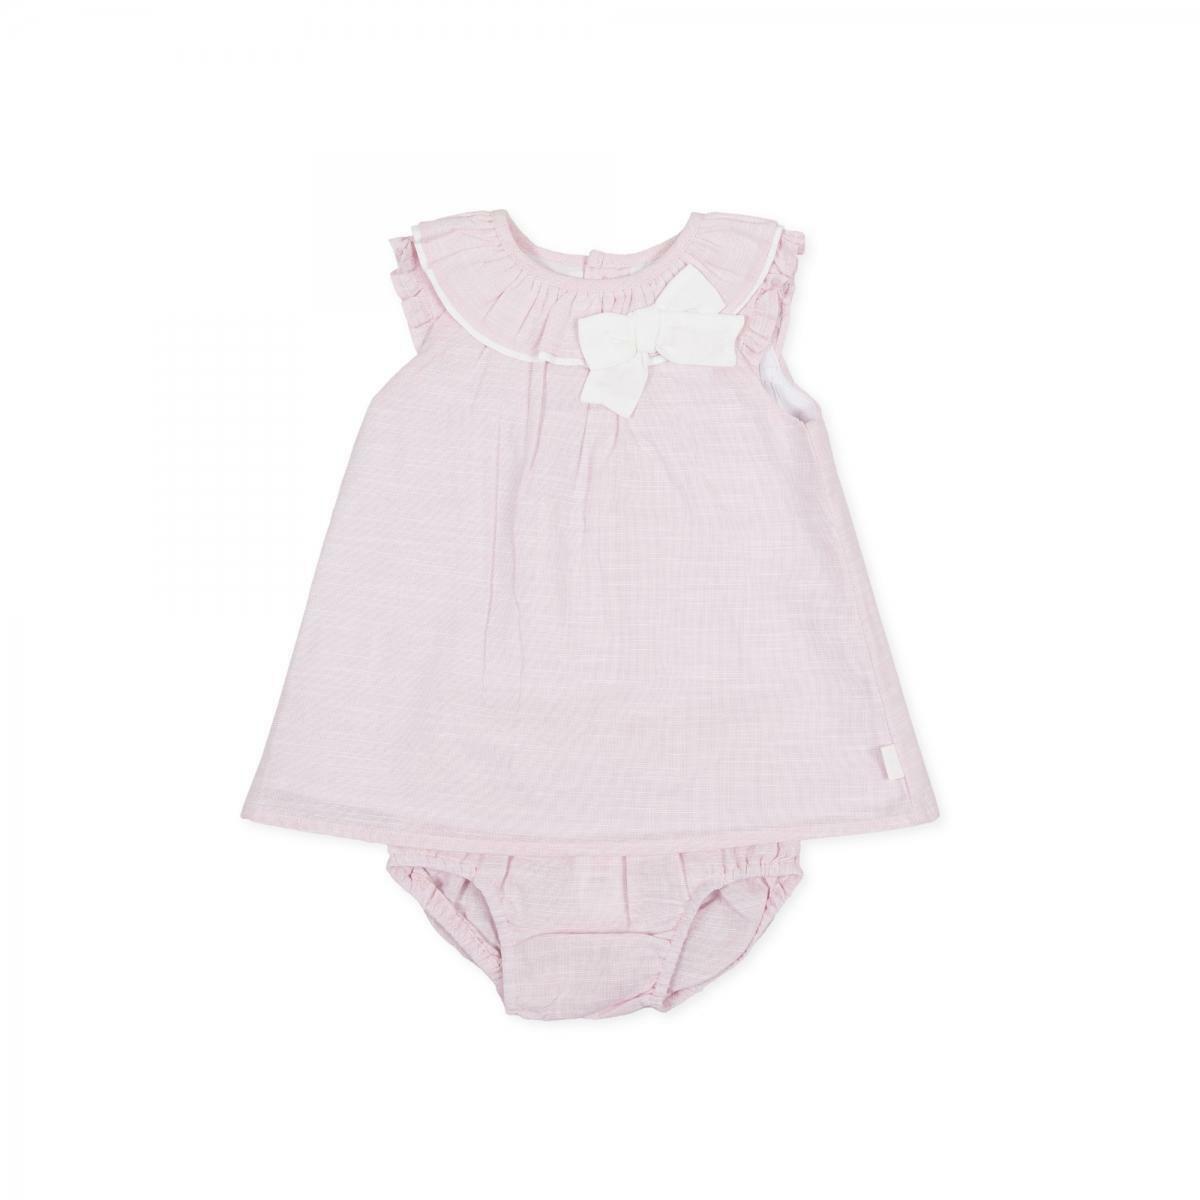 tutto piccolo tutto piccolo vestitino bambina rosa 8210s201